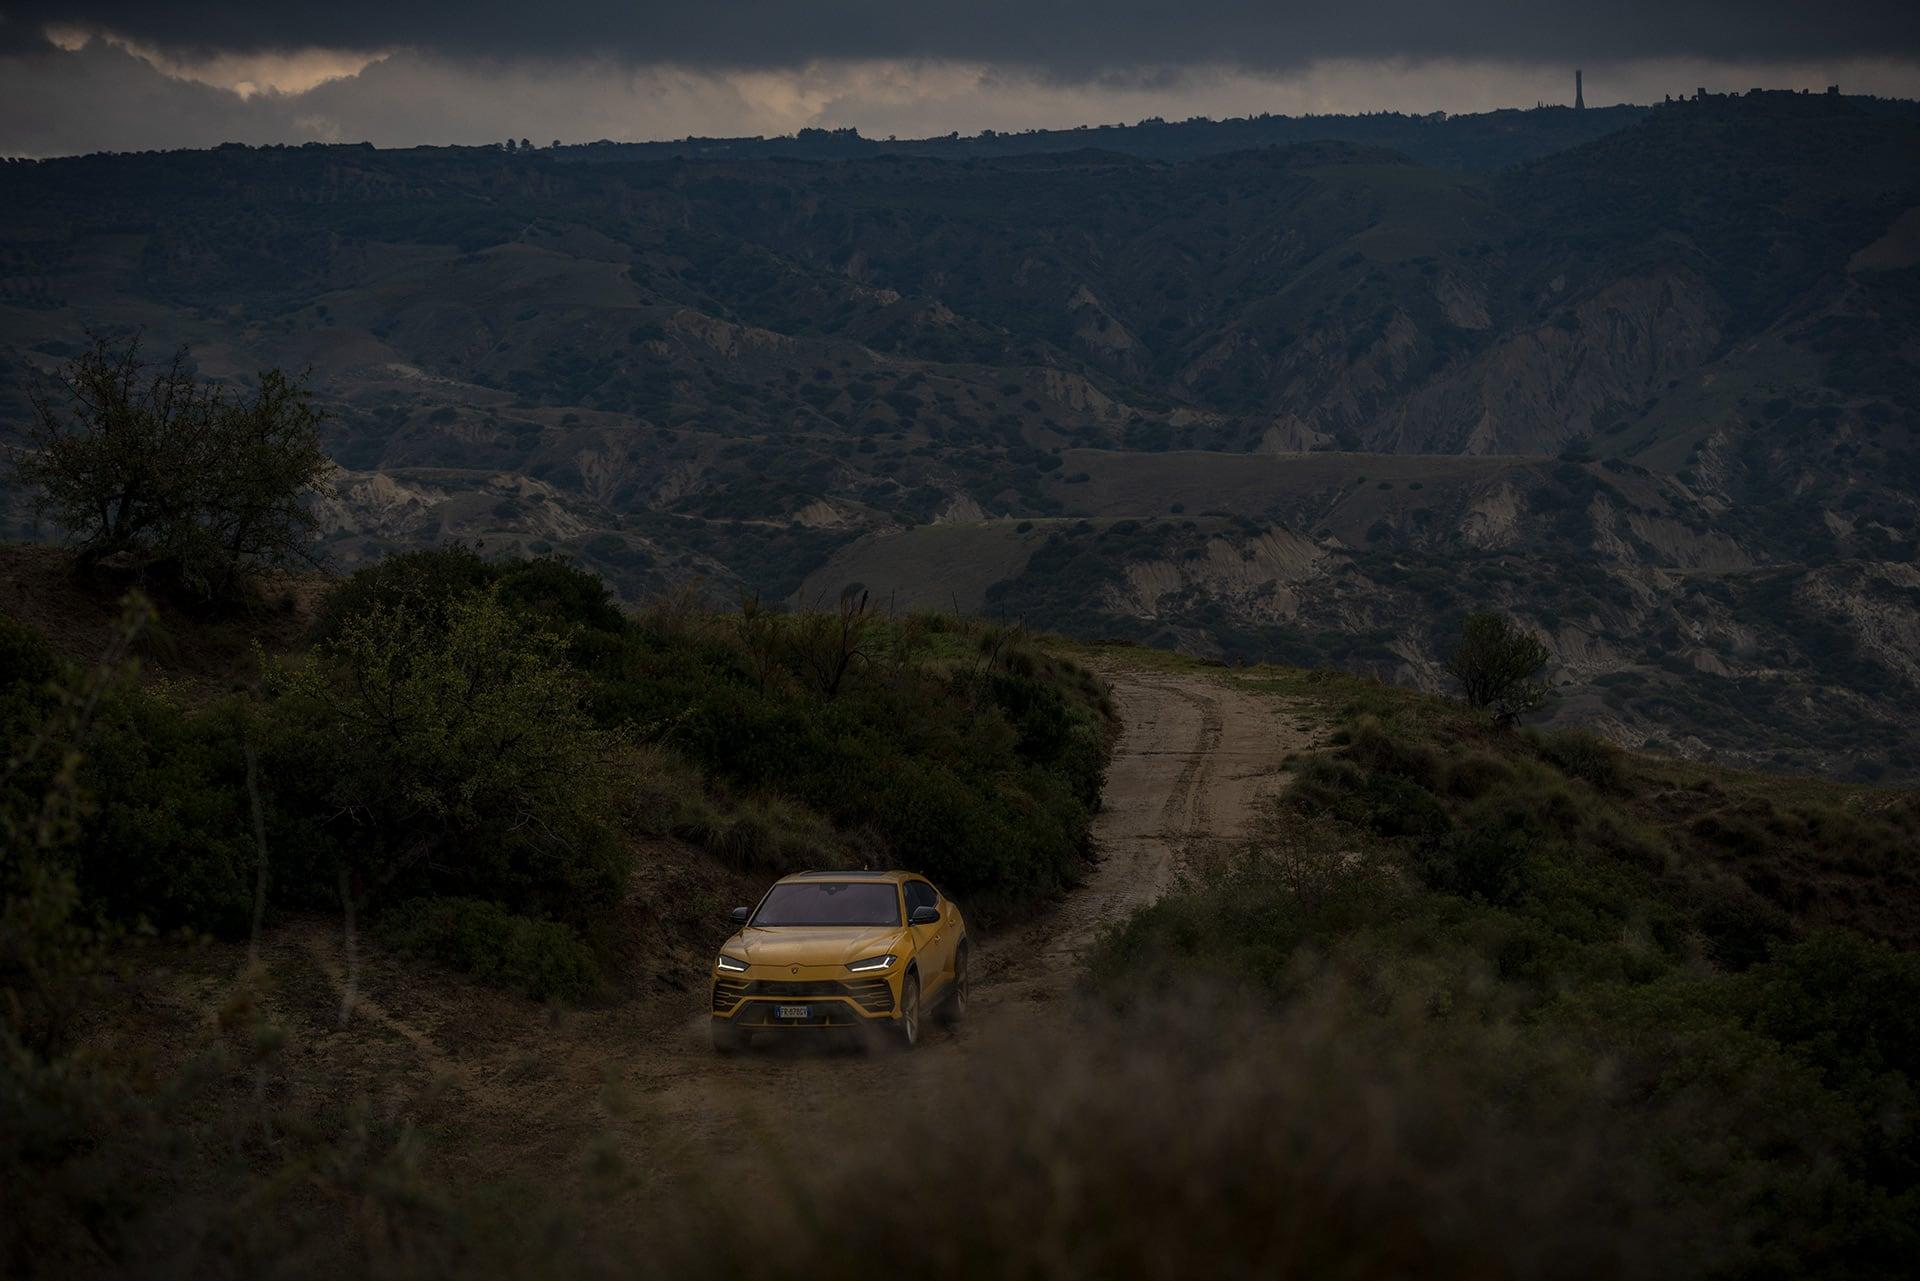 Mit dem Lamborghini Urus durch die wiederentdeckte Stadt Matera 4